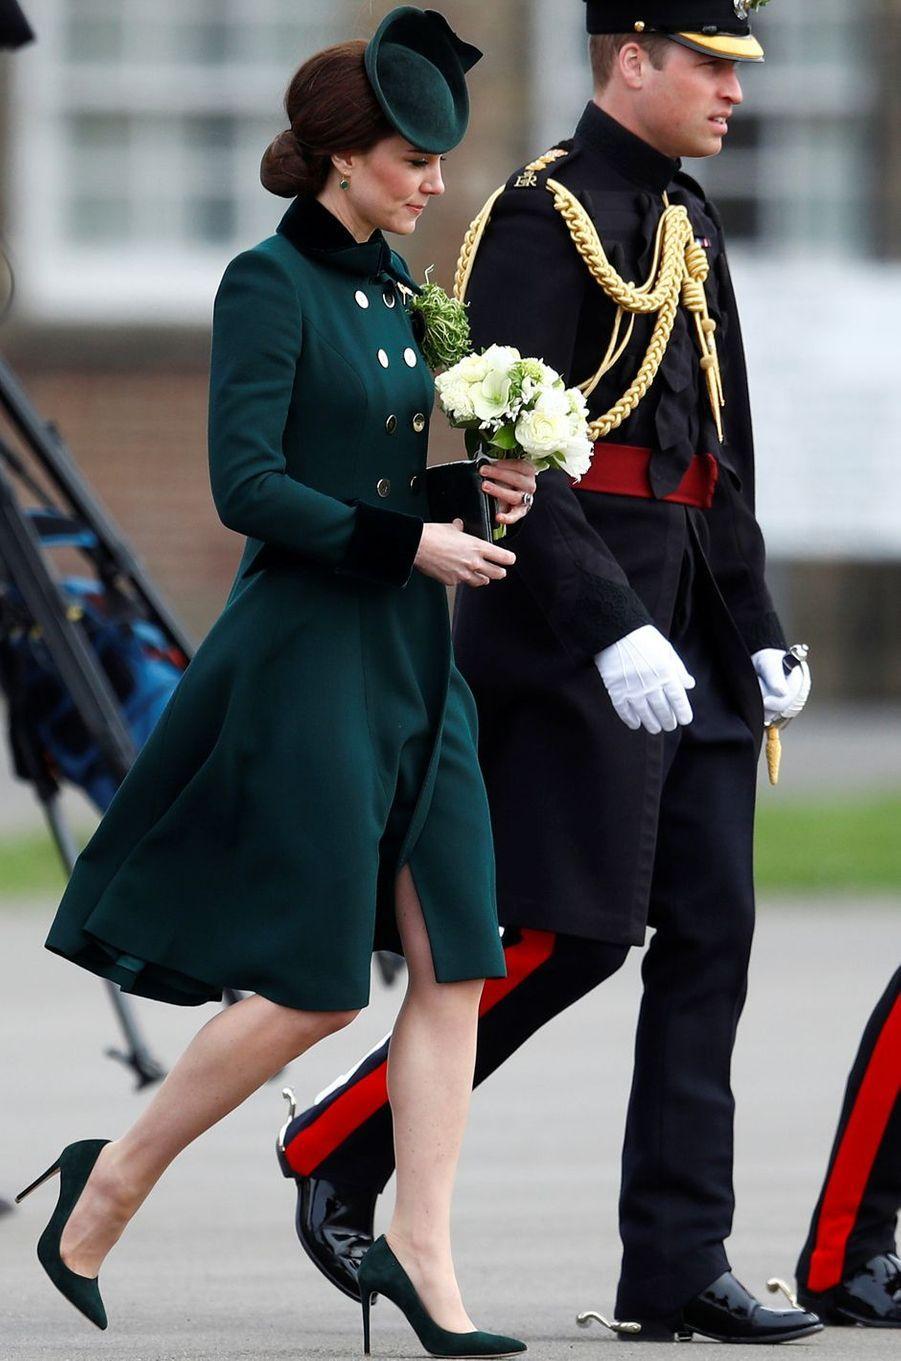 La duchesse de Cambridge, née Kate Middleton, en Catherine Walker pour la St Patrick à Aldershot, le 17 mars 2017